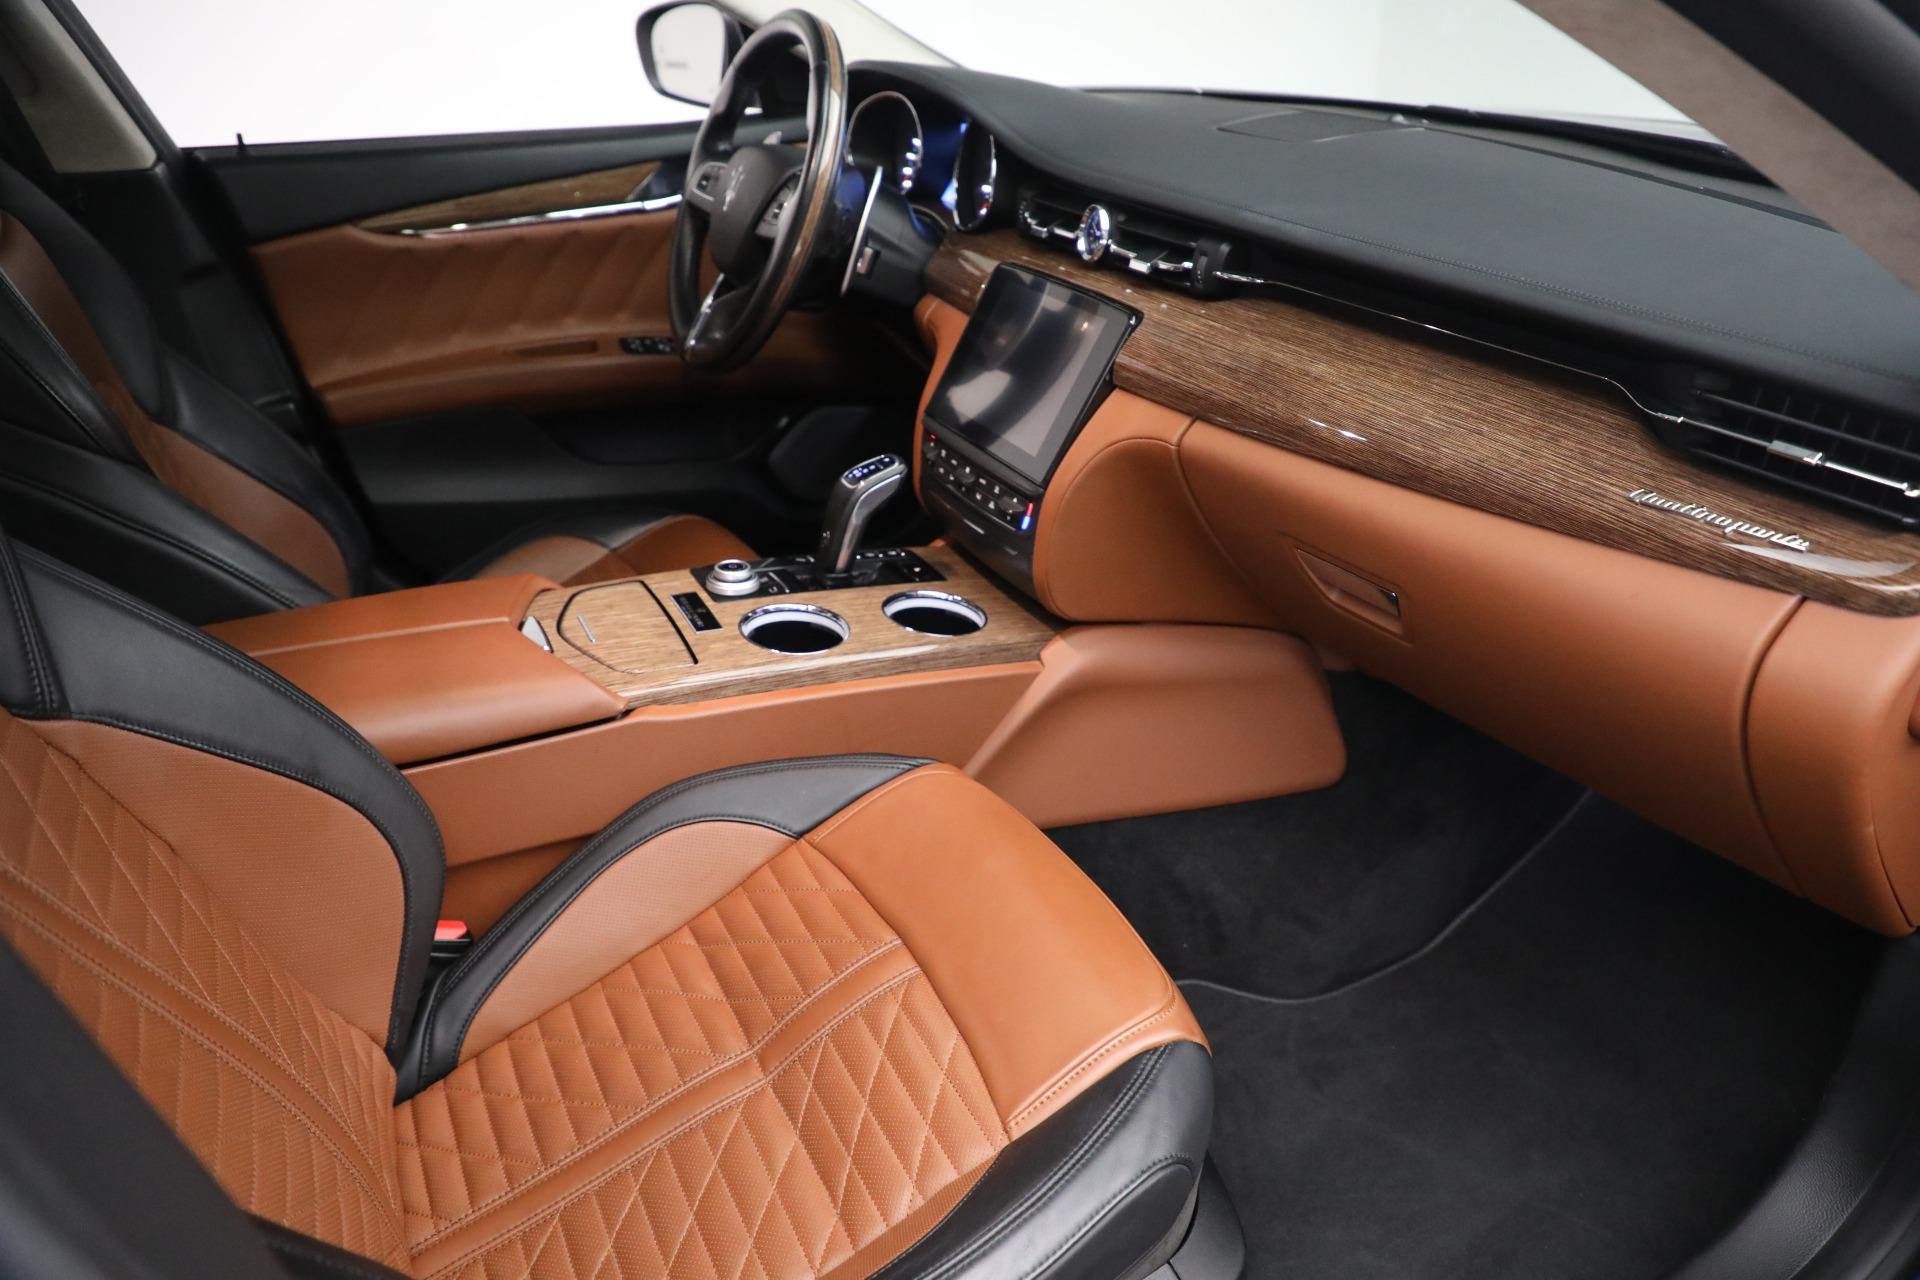 New 2019 Maserati Quattroporte S Q4 GranLusso Edizione Nobile For Sale In Westport, CT 2858_p20